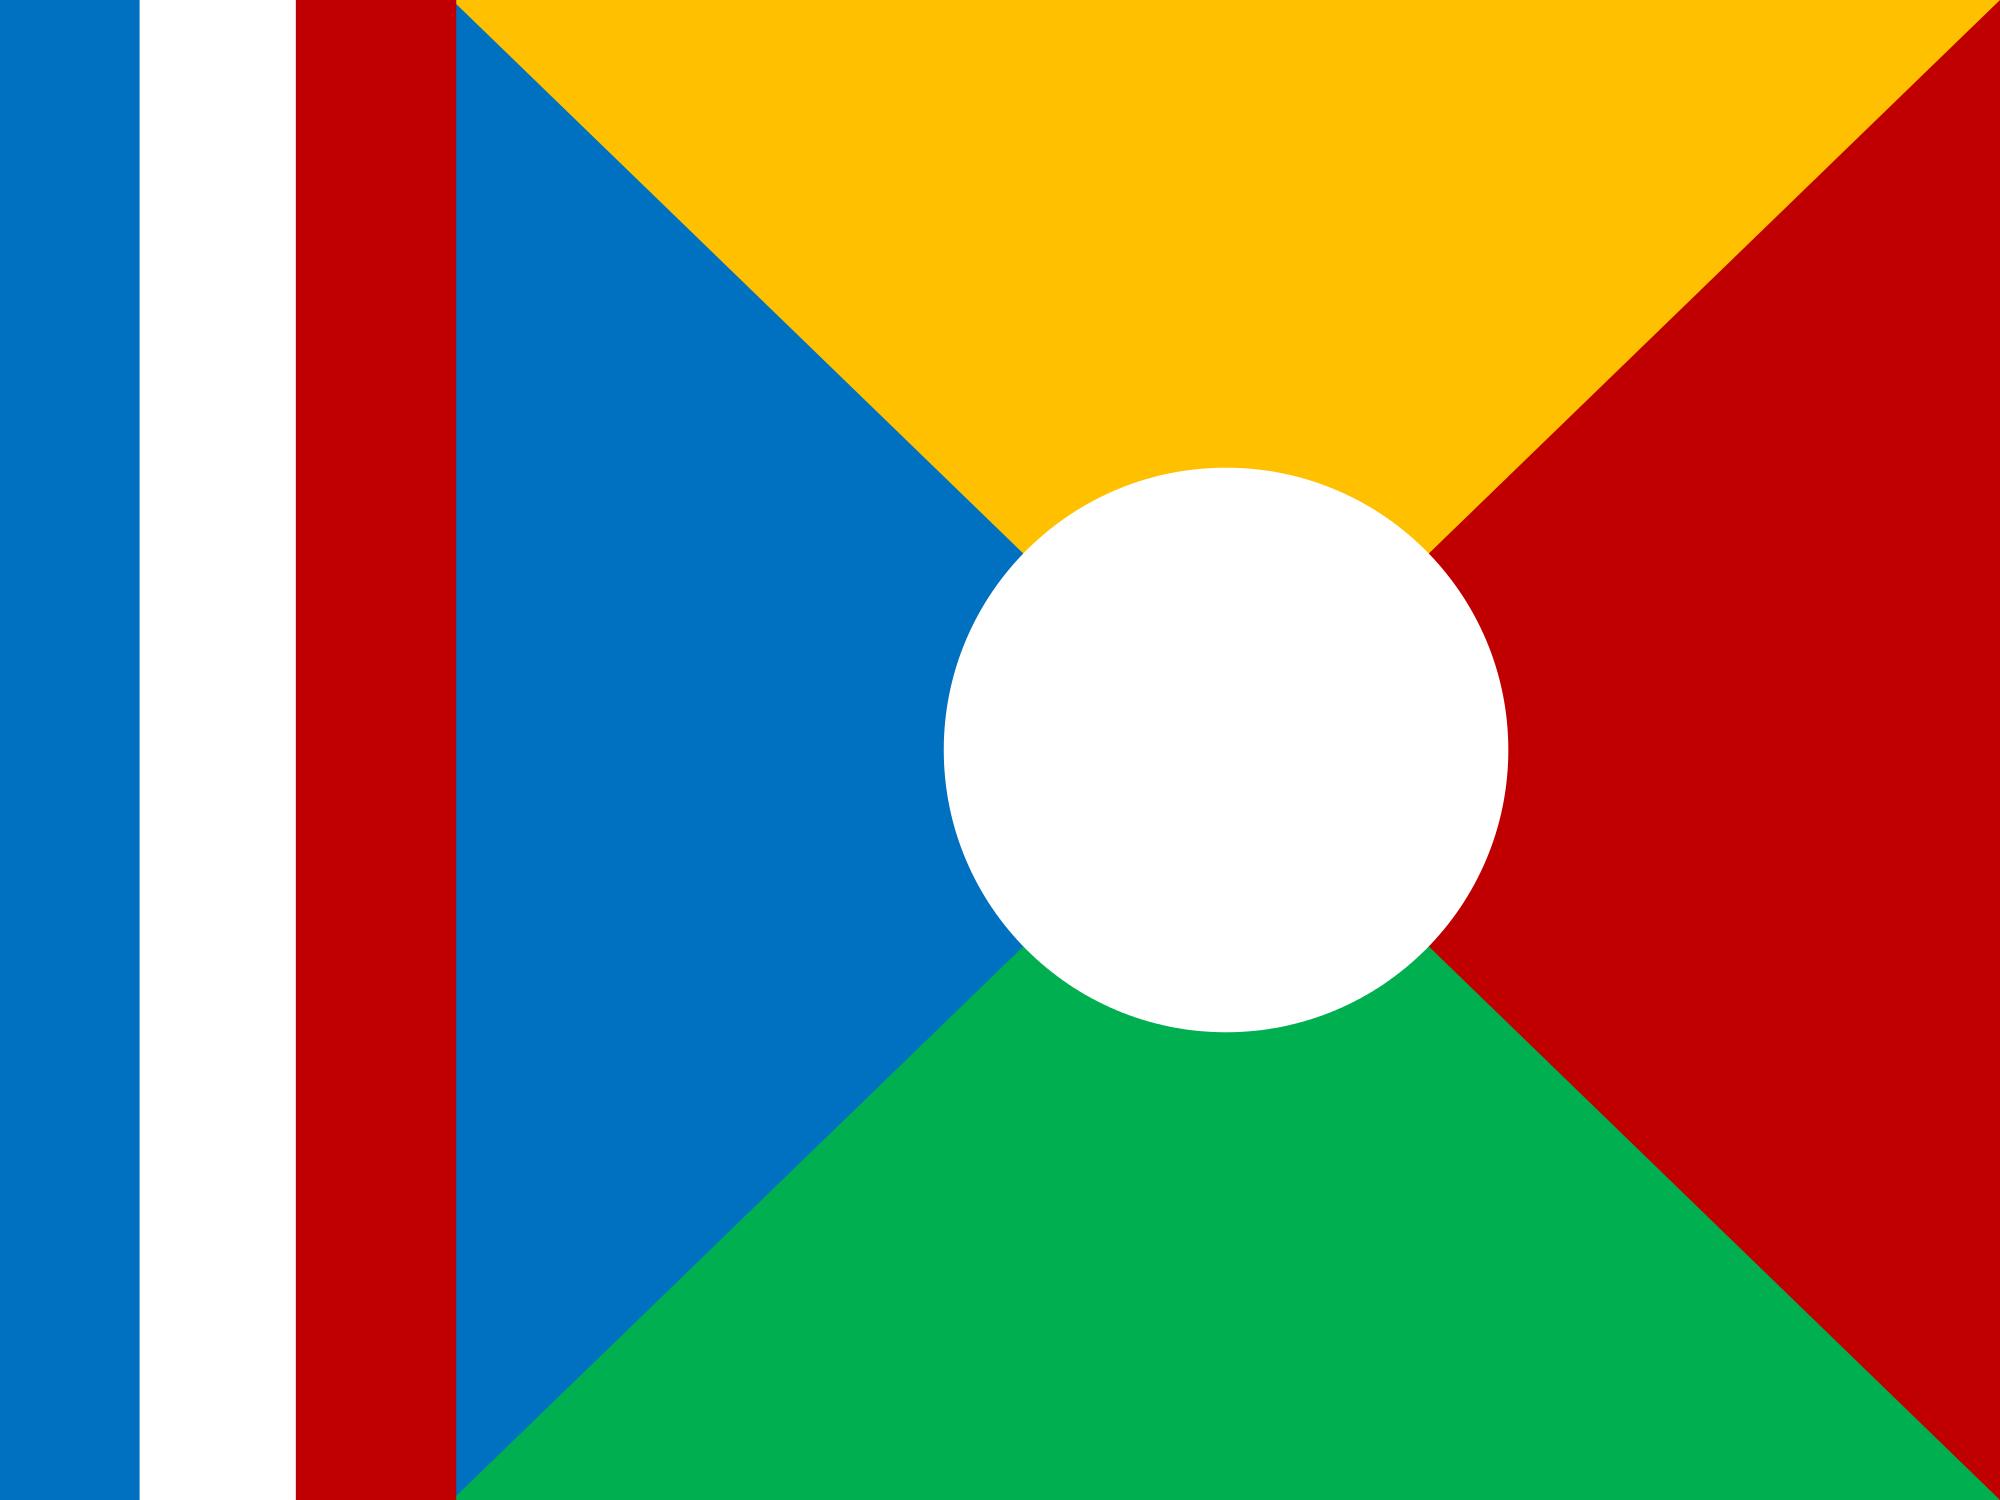 réunion, pays, emblème, logo, symbole - Fonds d'écran HD - Professor-falken.com